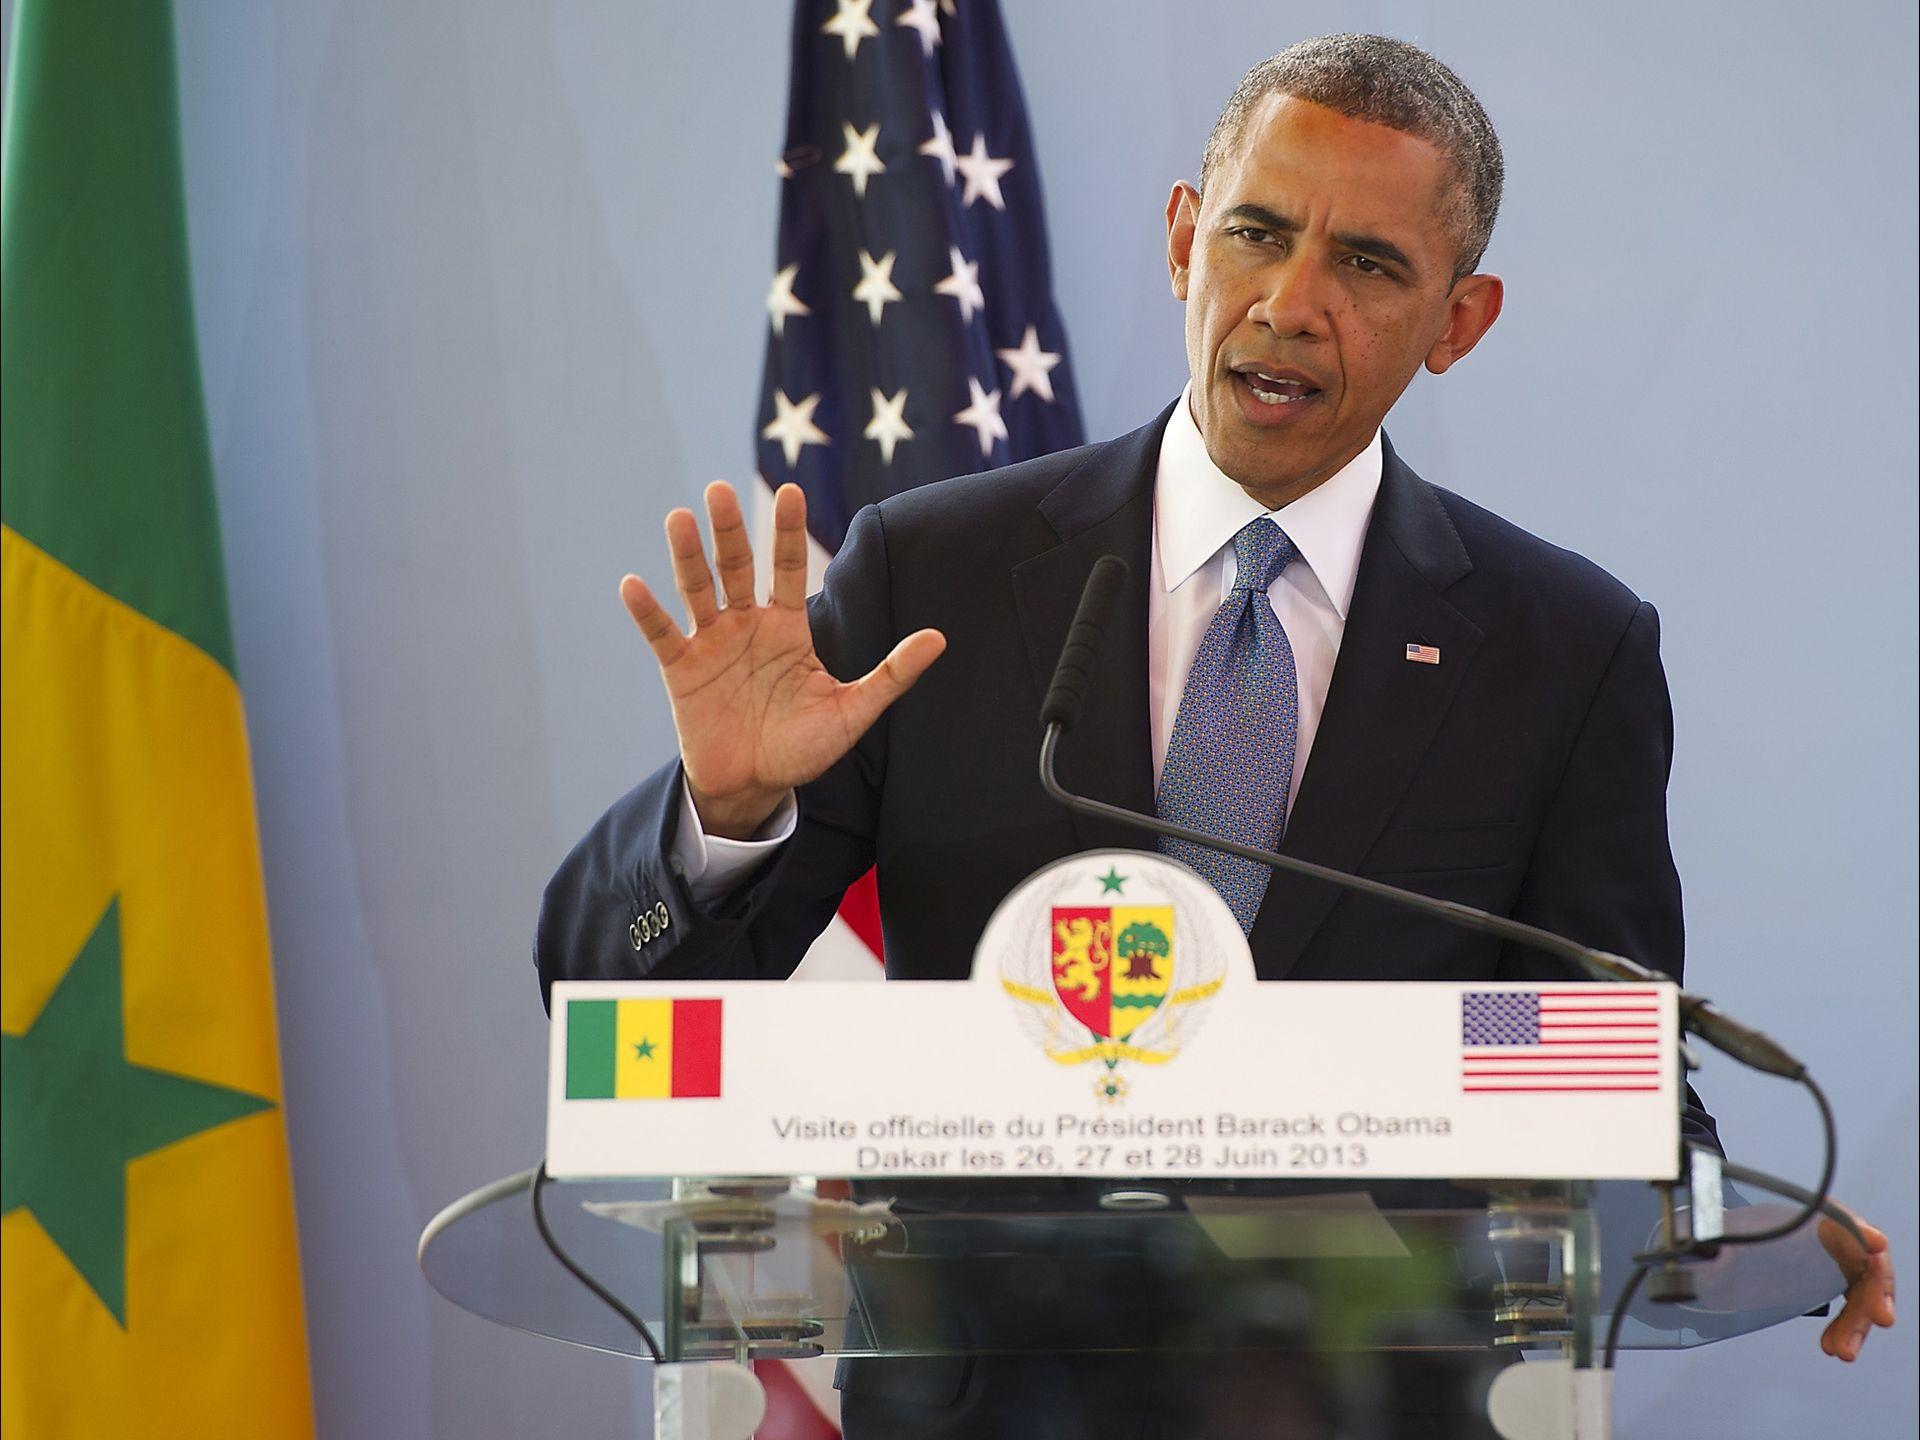 President Obama speaks during HD Wallpaper